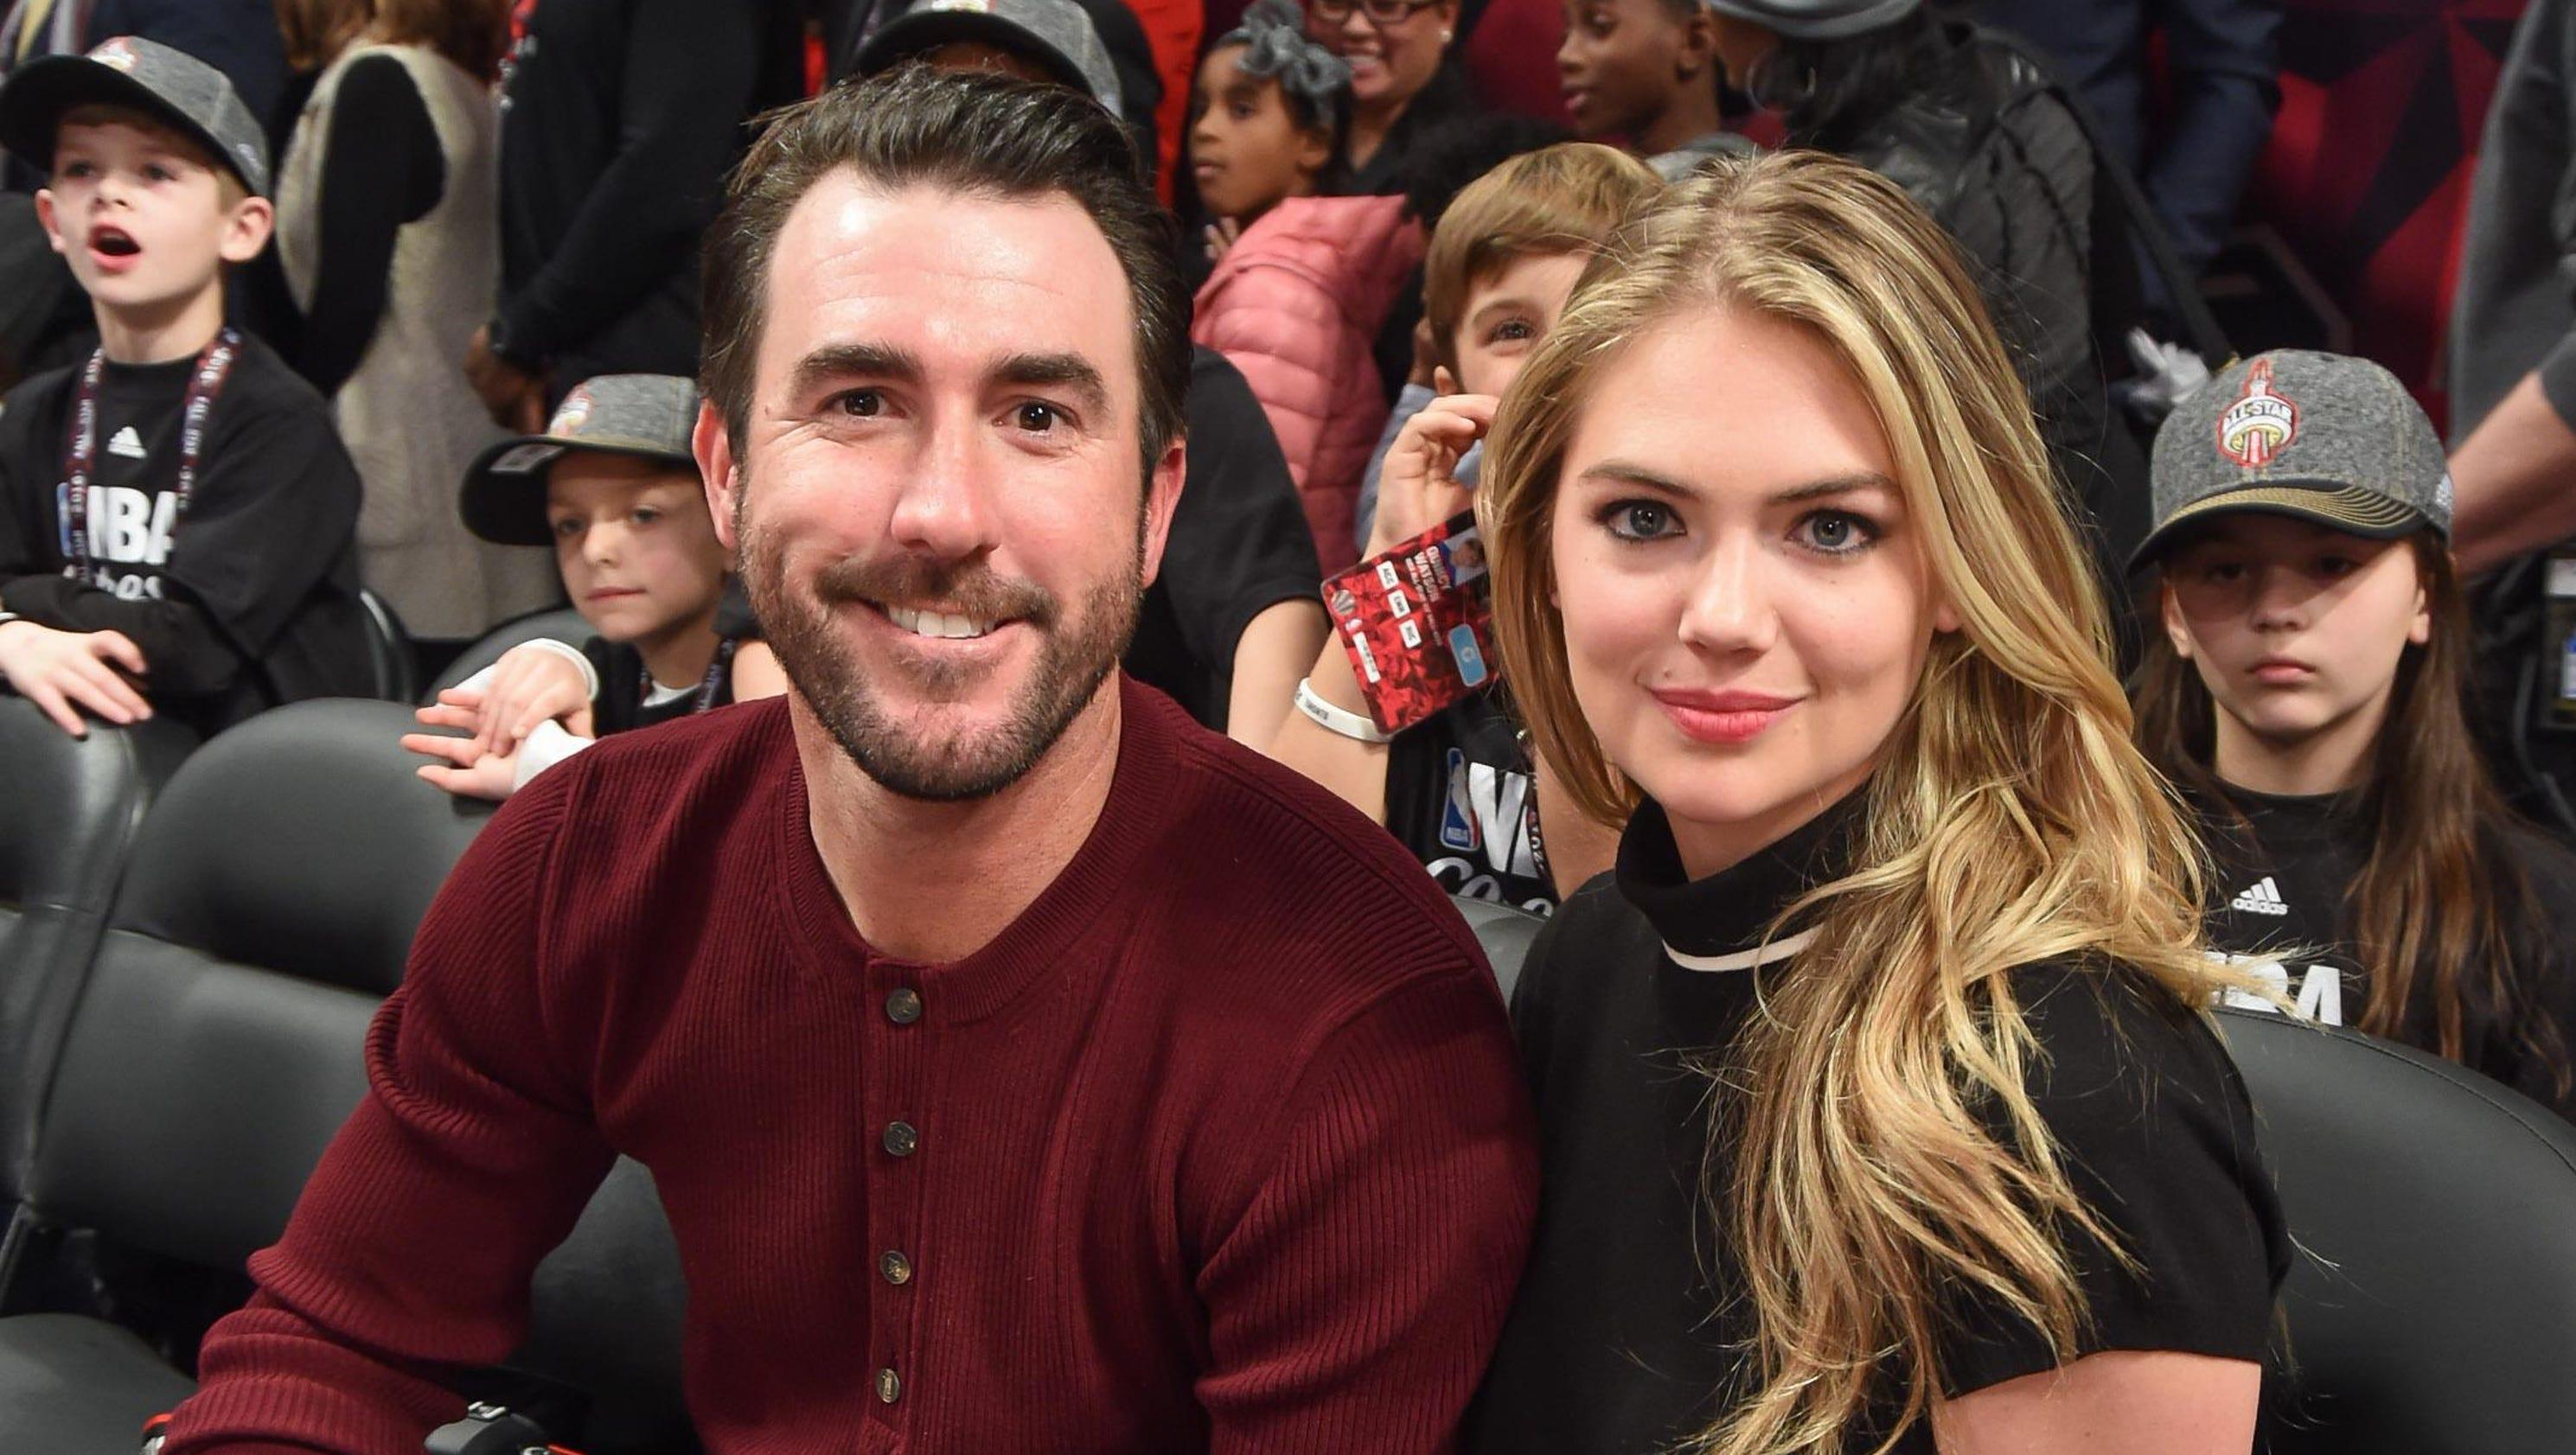 Tigers\' Justin Verlander, model Kate Upton engaged